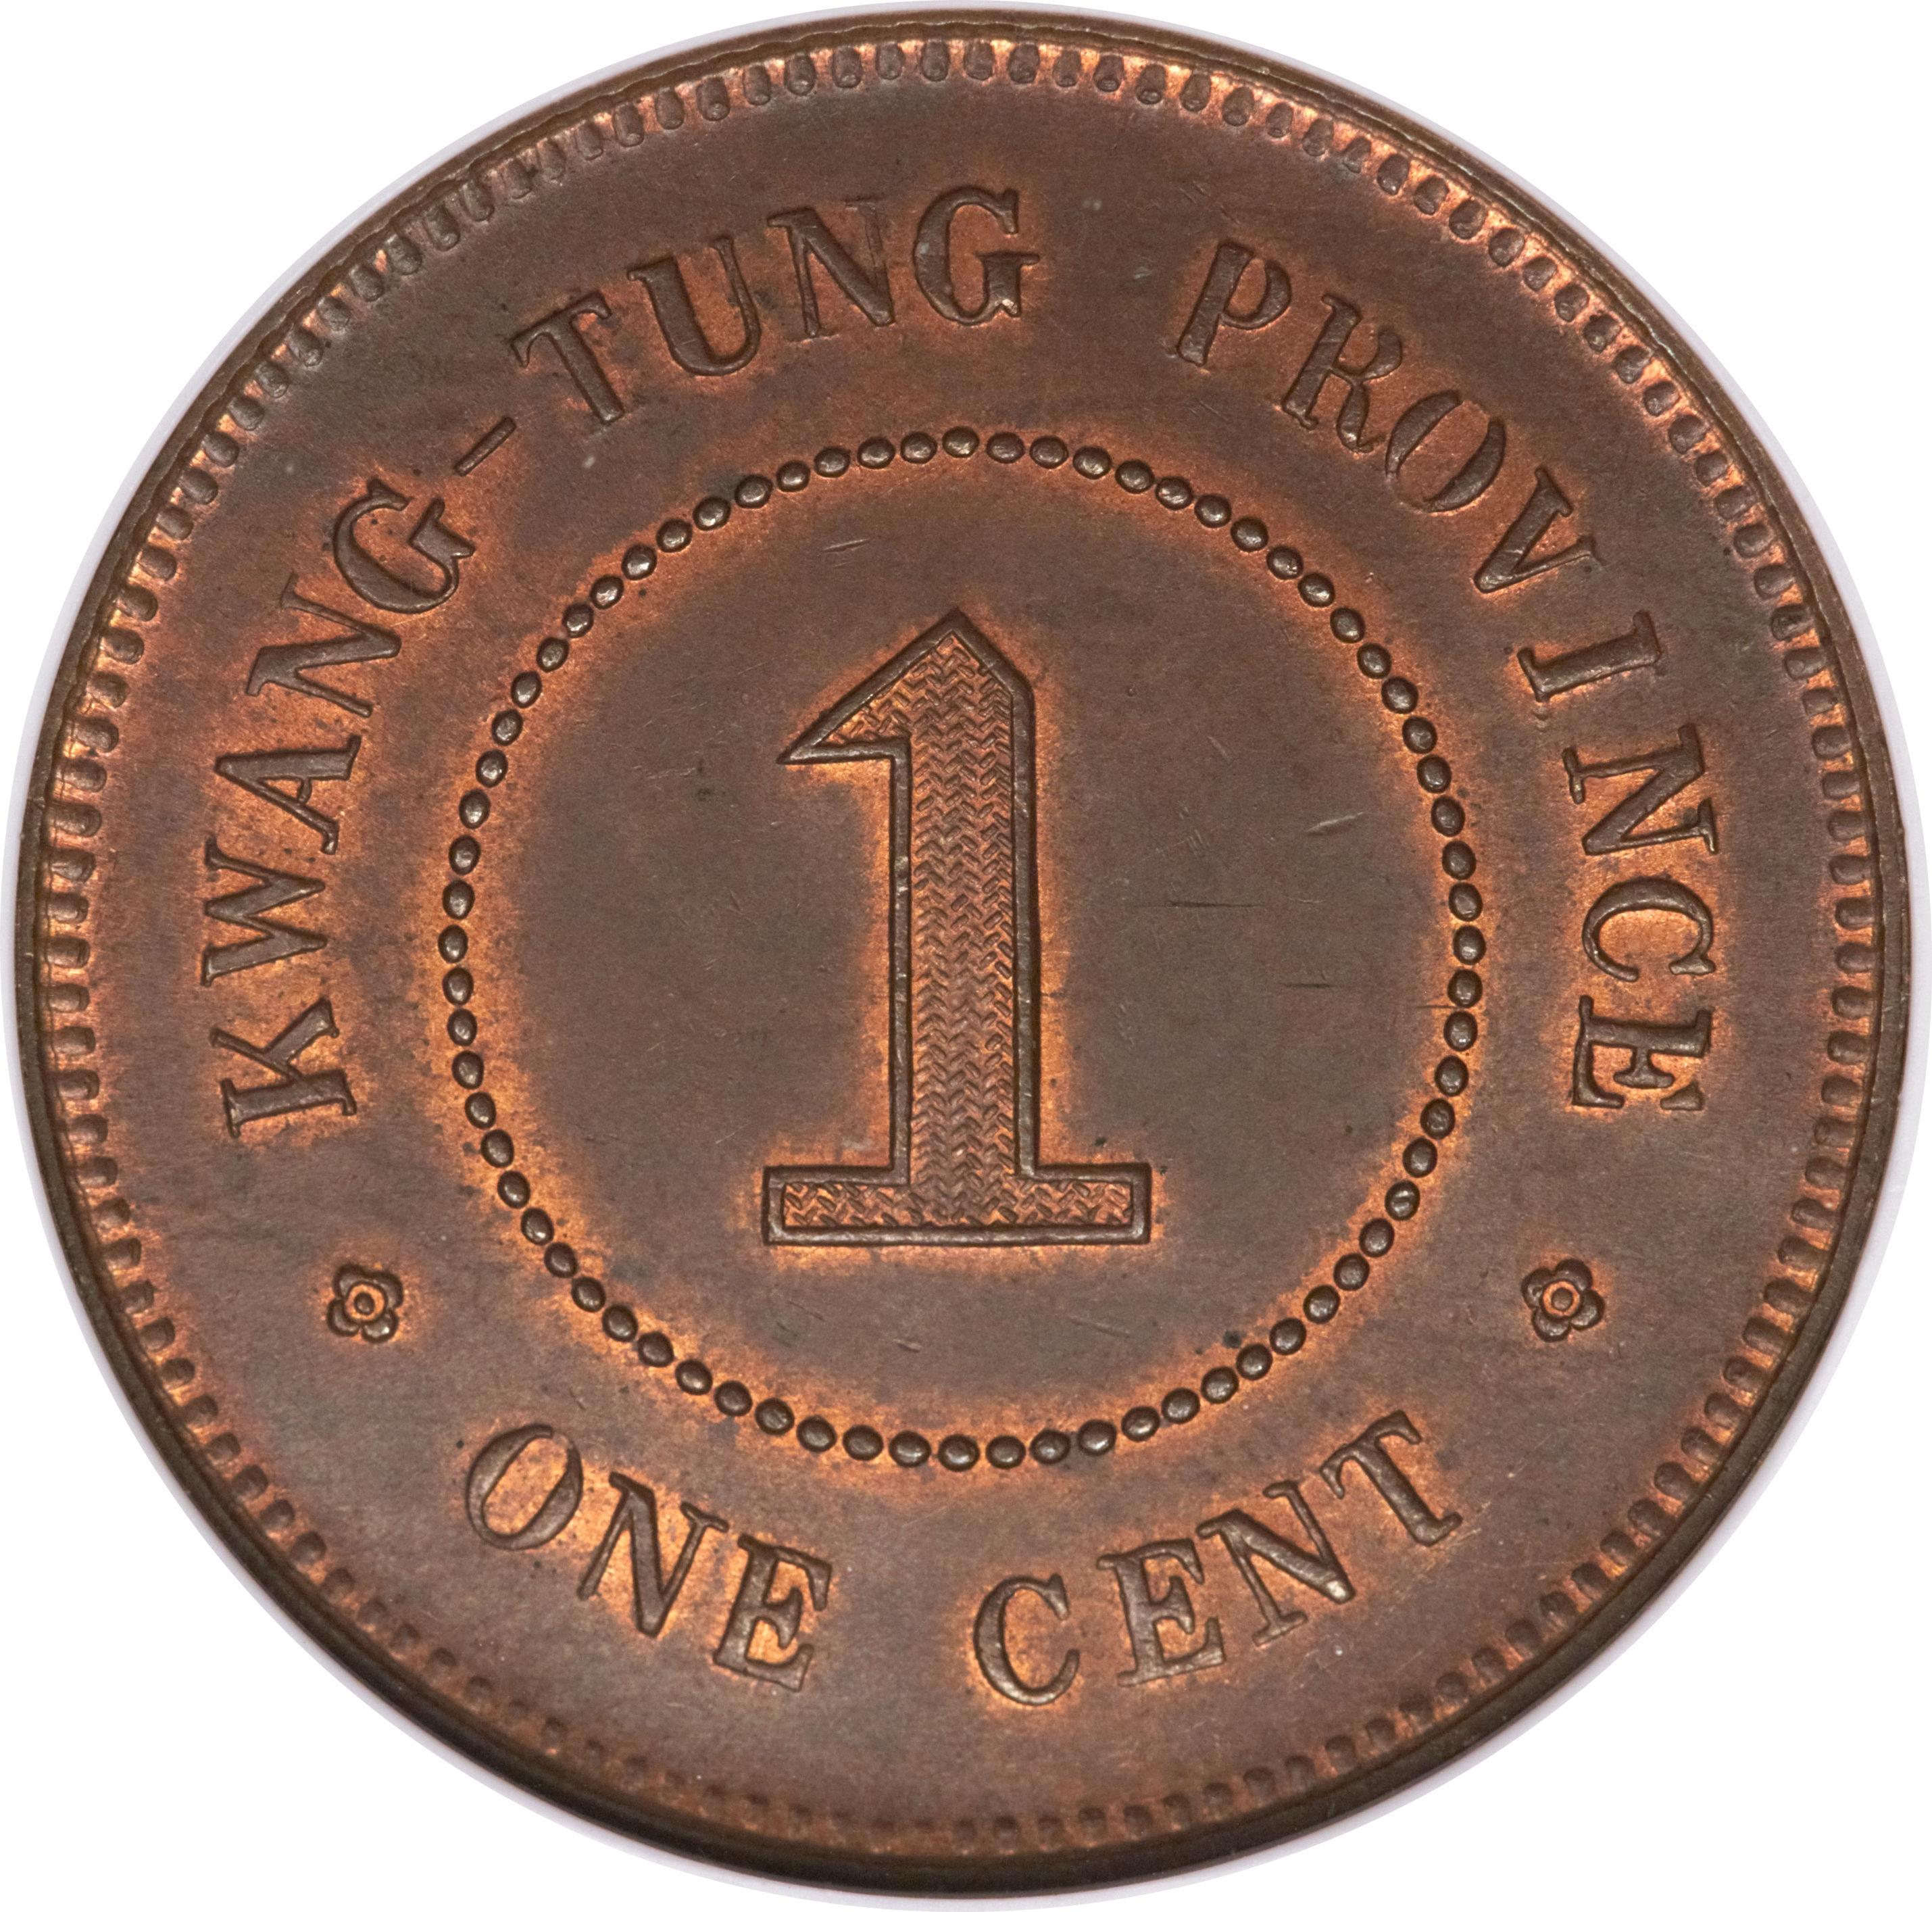 1 Cent - China - Republic – Numista